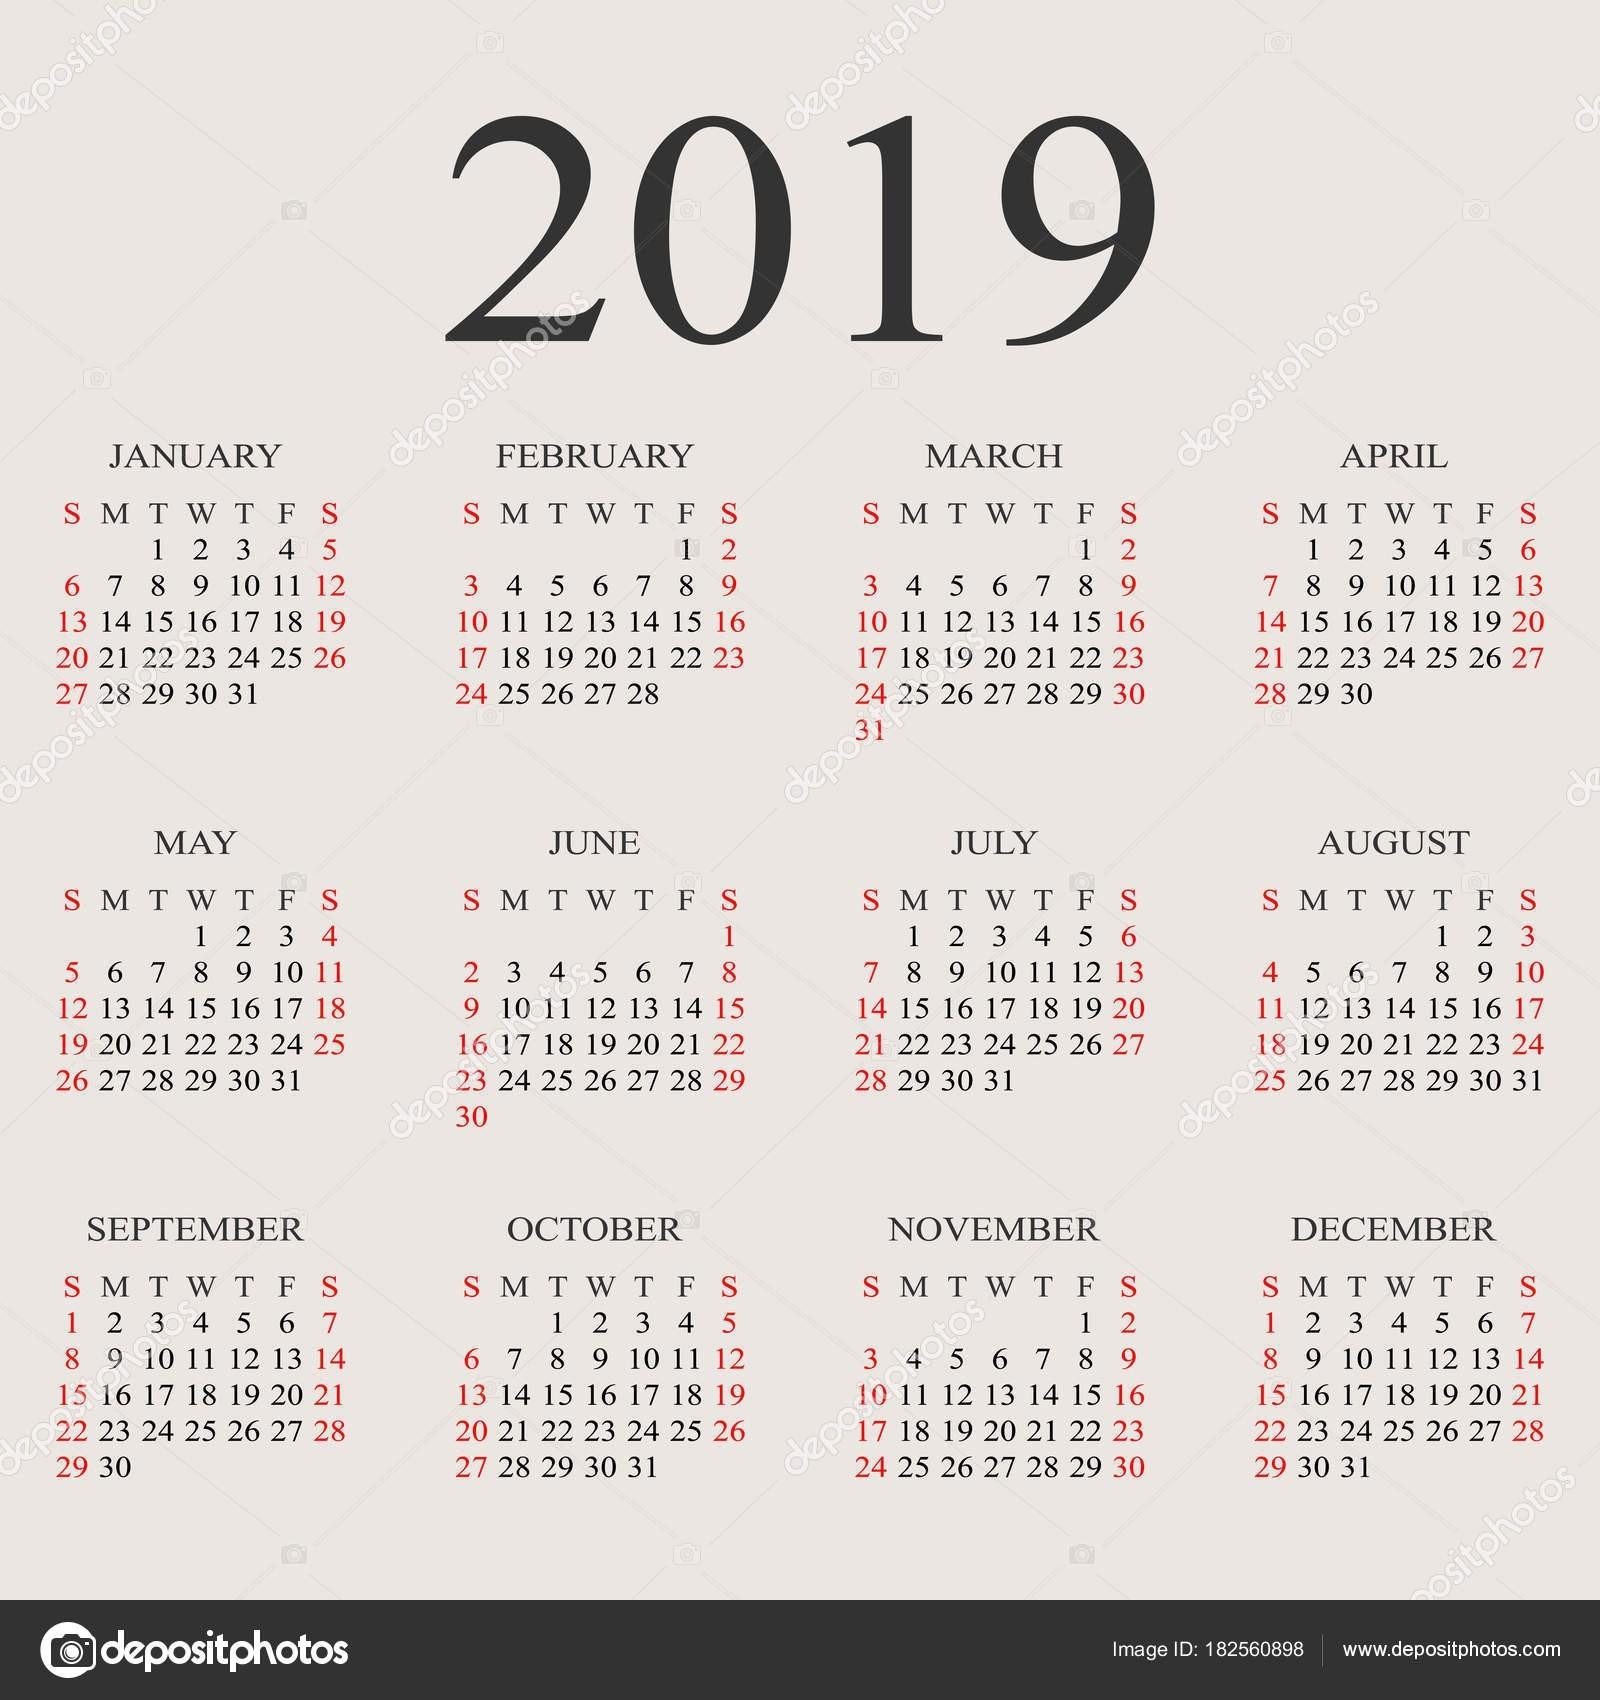 Calendar 2019 In Telugu With February Template